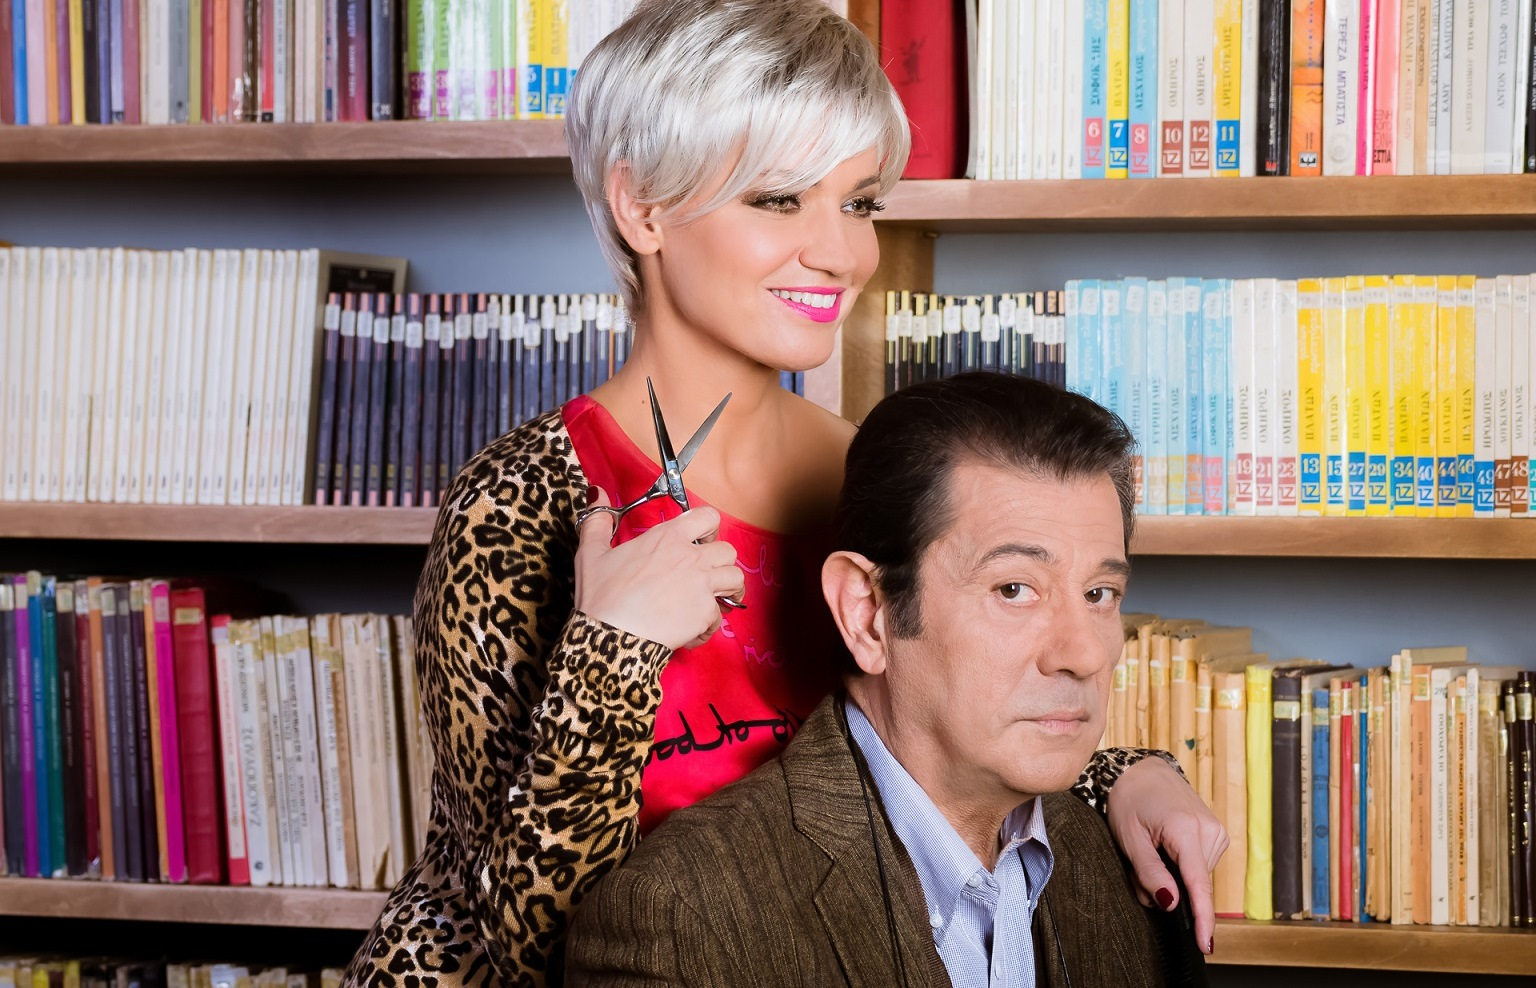 12€ από 18€ στην βραβευμένη ερωτική κωμωδία ''Εκπαιδεύοντας την Ρίτα'' με τον Δάνη Κατρανίδη και την Παναγιώτα Βλαντή, στο θέατρο ''Πόλη